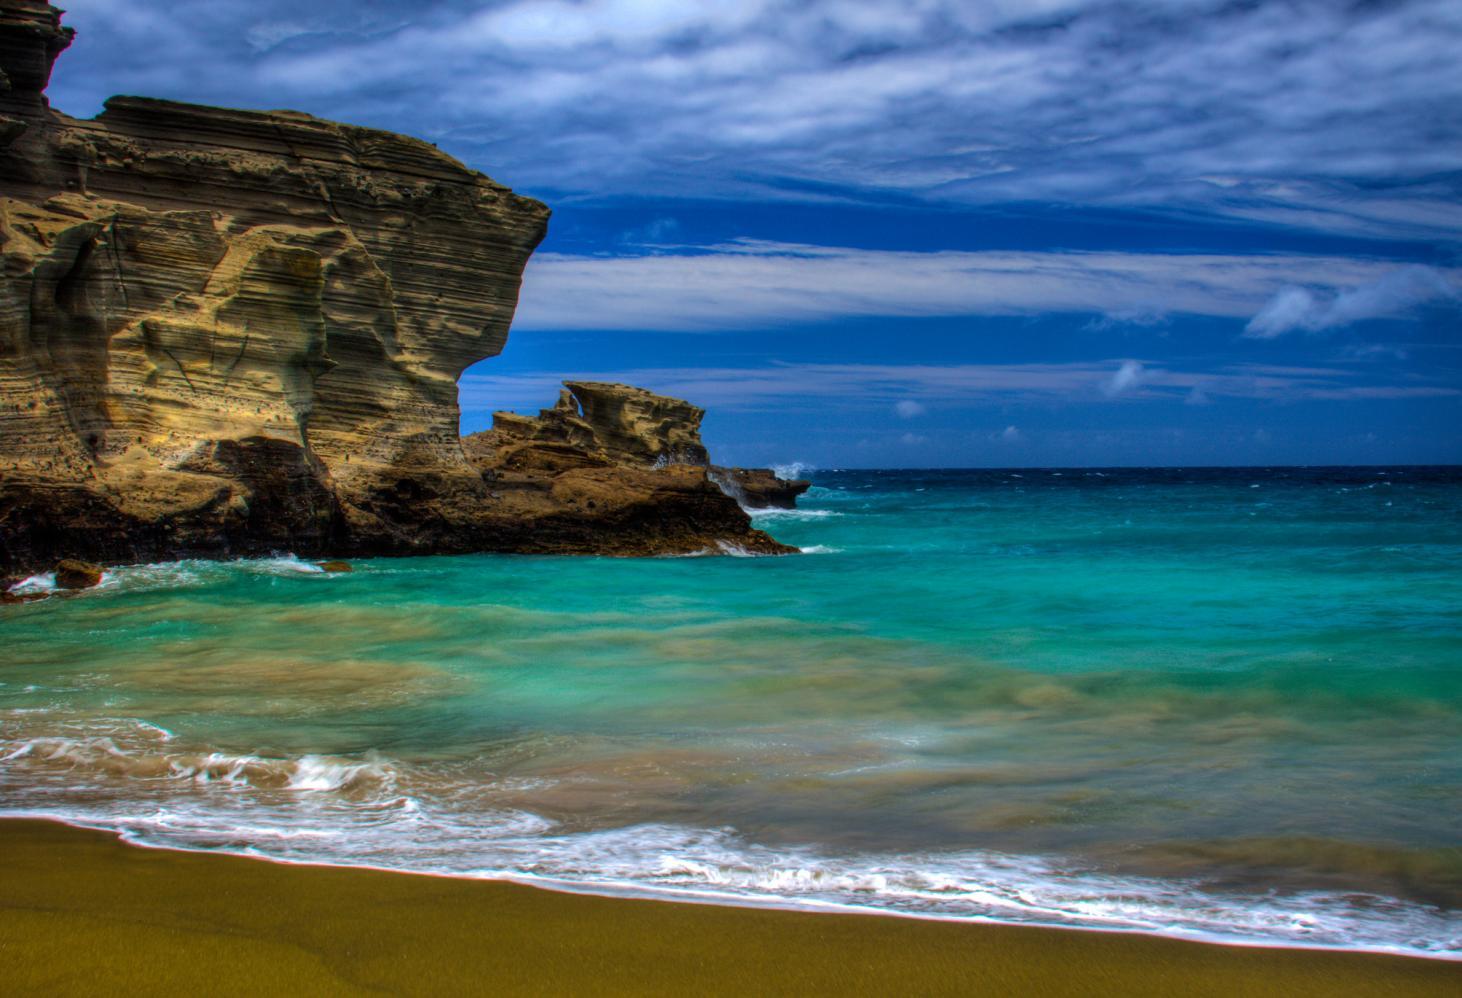 Зеленый пляж, Папаколеа, Гавайи